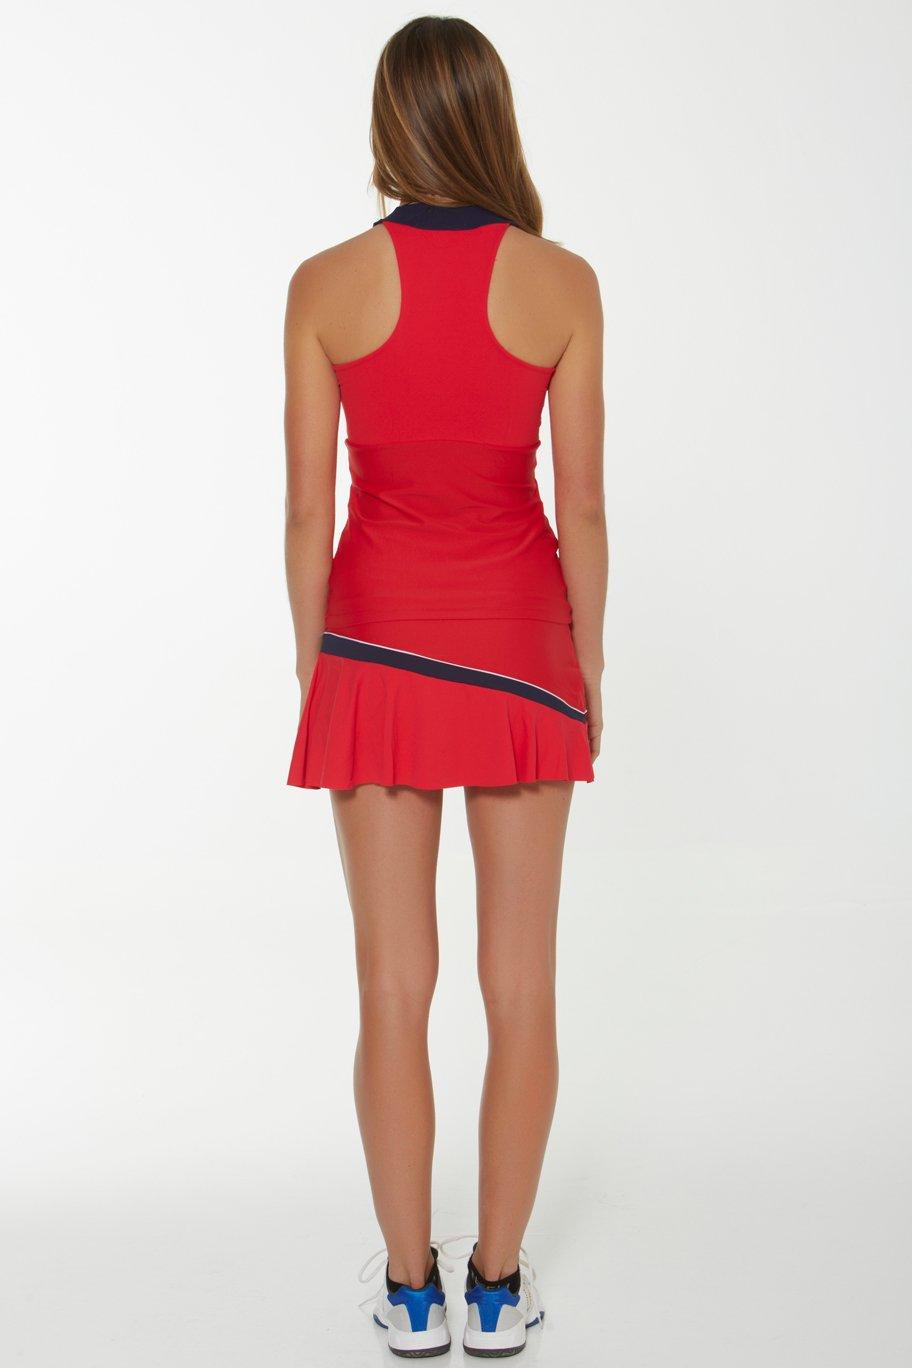 Naffta Tenis Padel - Falda-short para mujer, color rojo/marino, talla S: Amazon.es: Deportes y aire libre